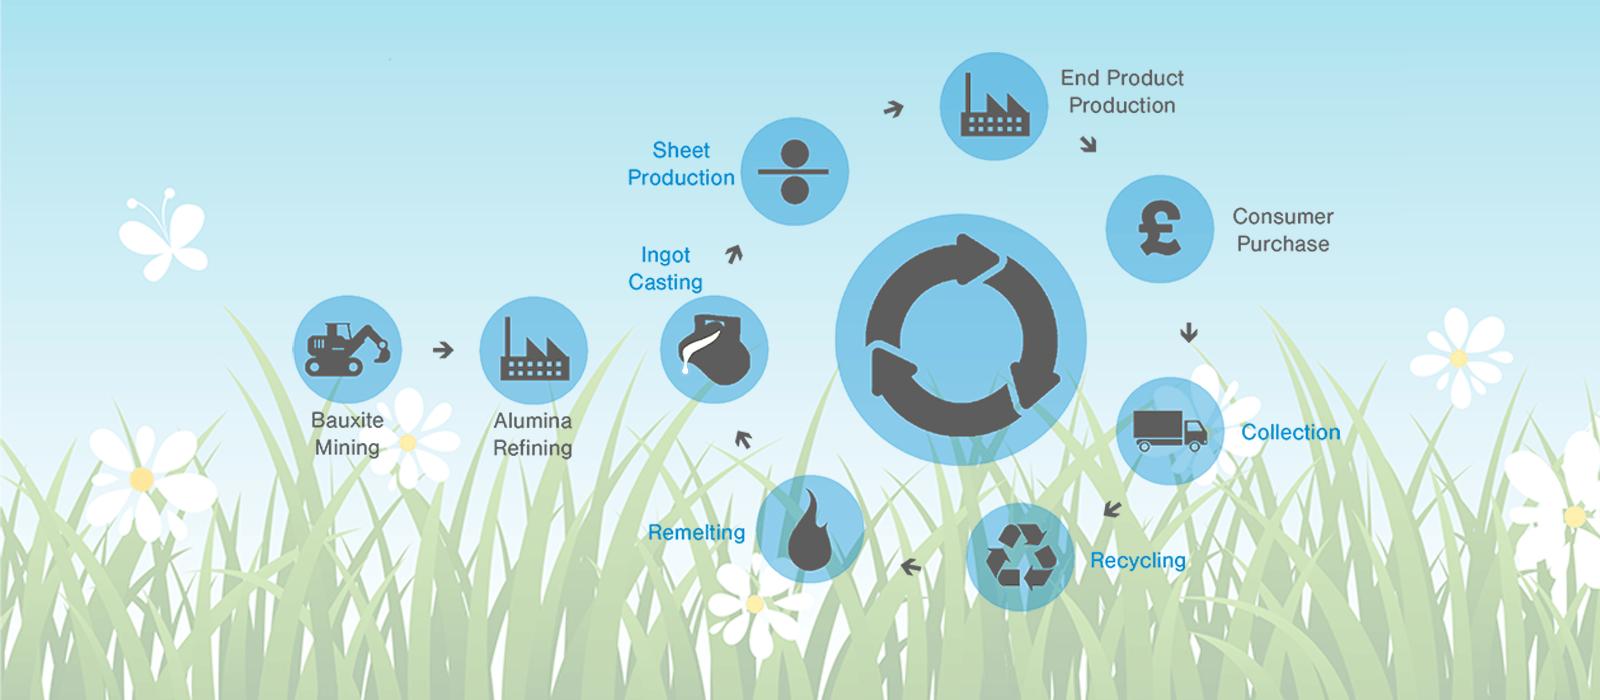 Aluminium Recycling Image